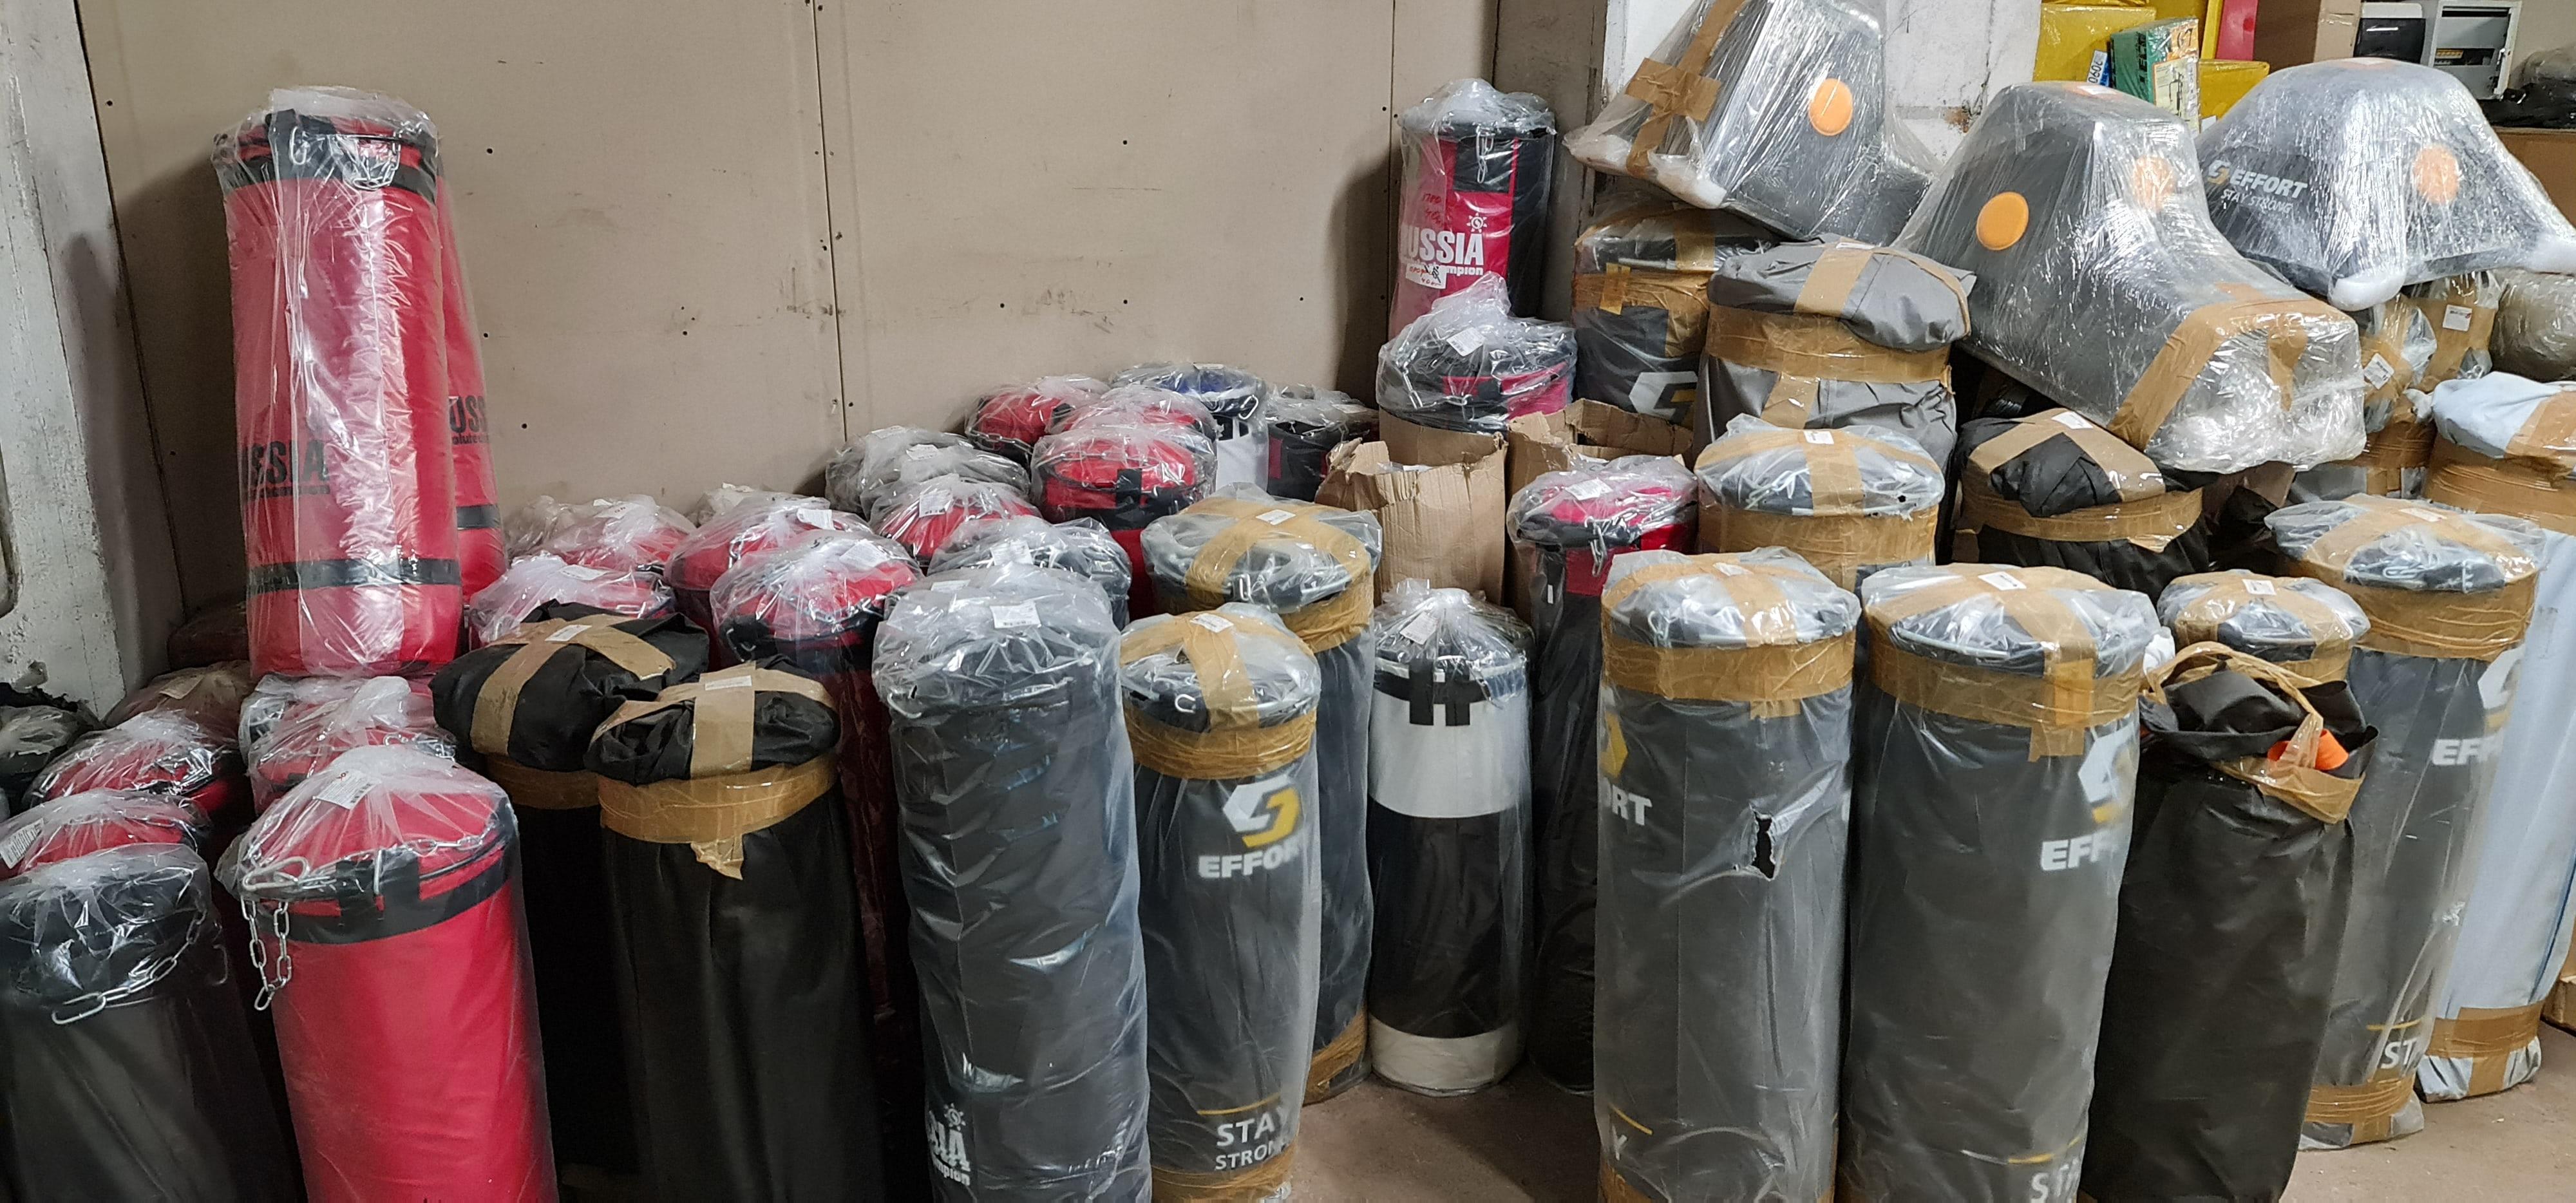 Продукция на складе Спорт96